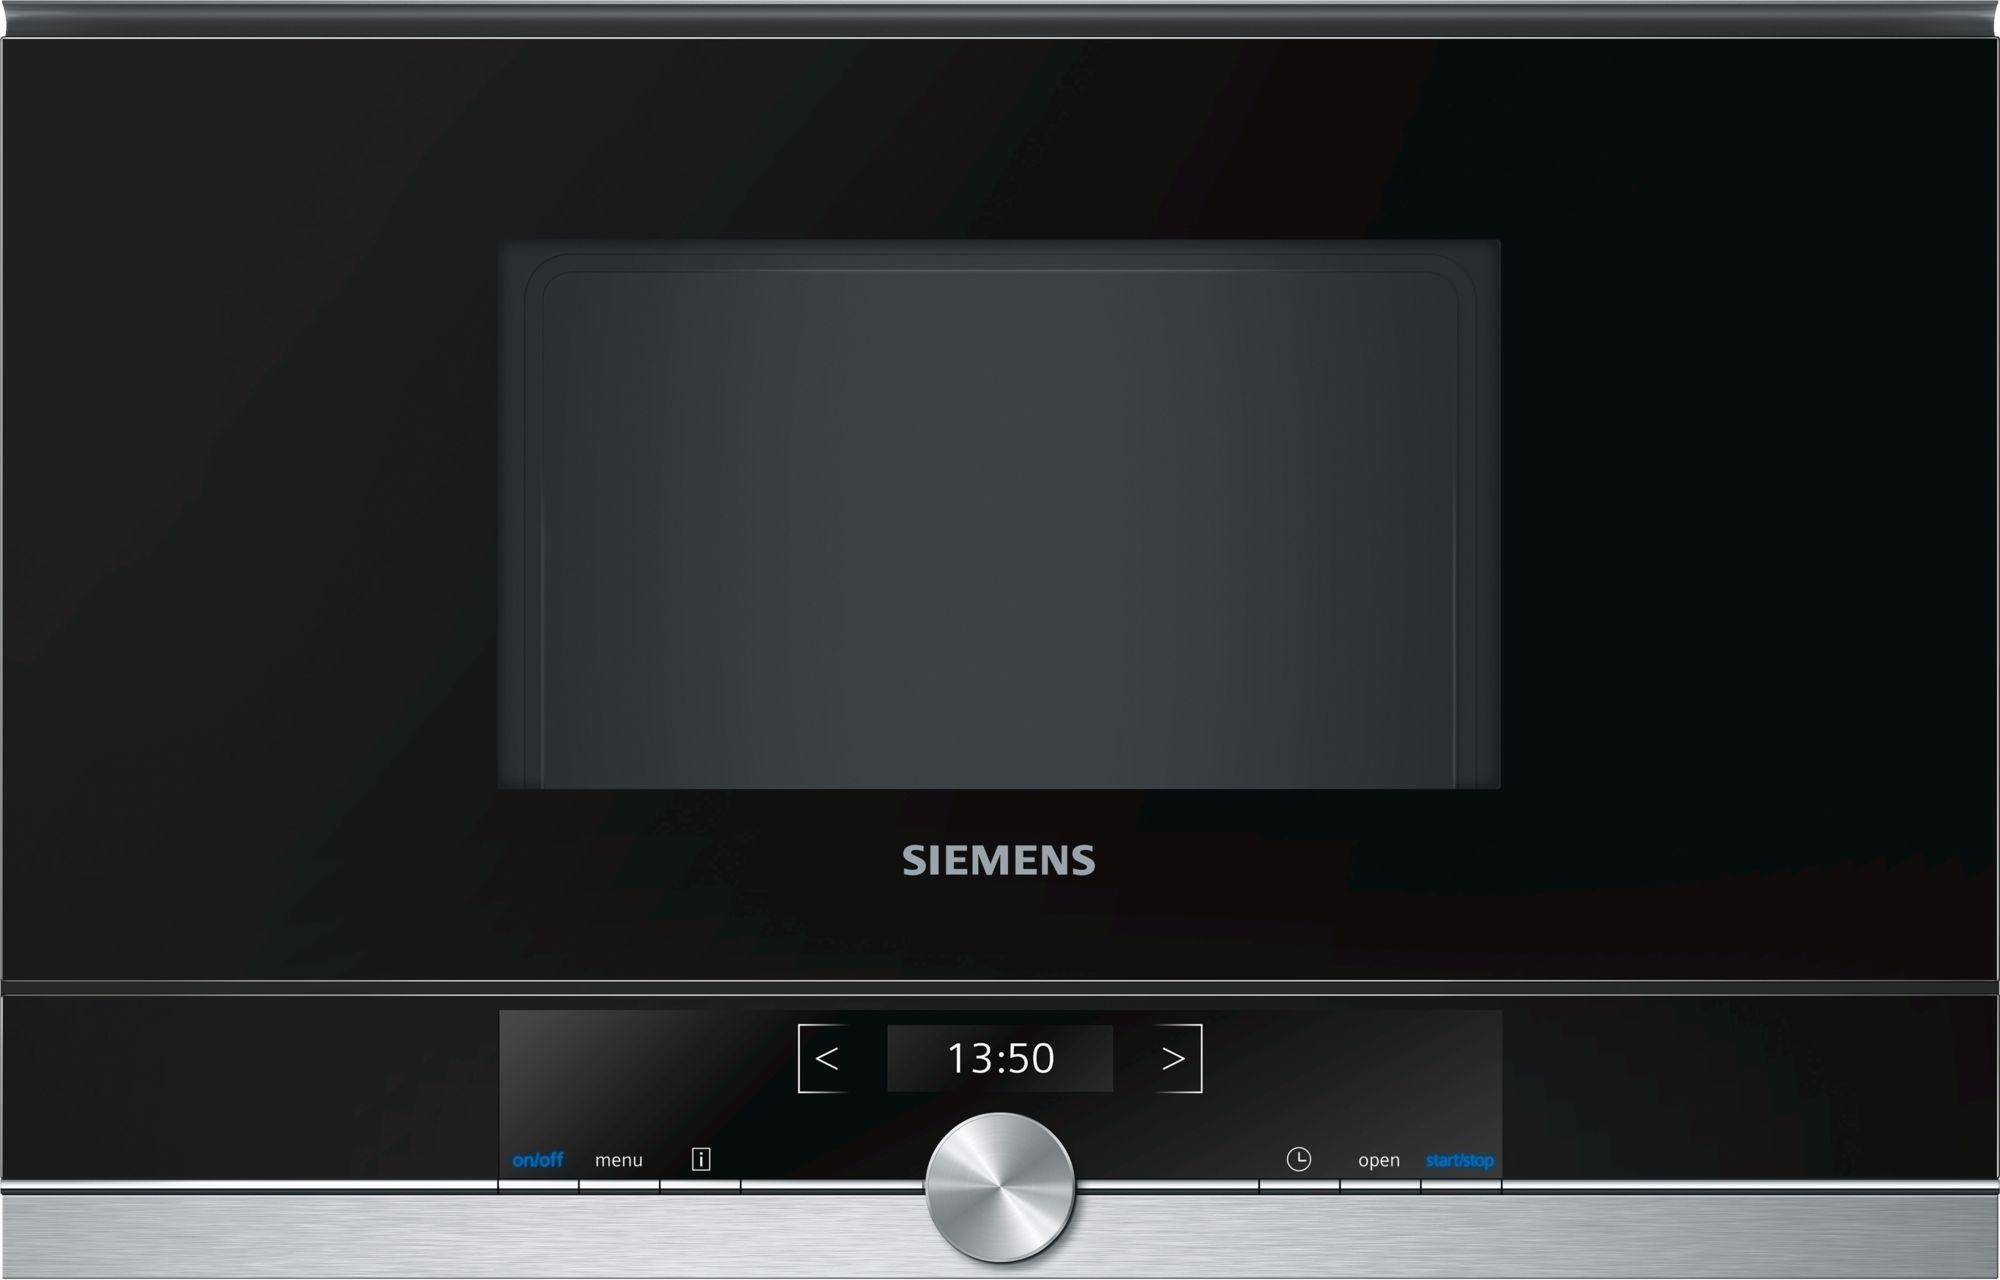 Mikrofala Siemens BF634LGS1, I tel. (22) 266 82 20 I Raty 0 % I kto pyta płaci mniej I Płatności online !